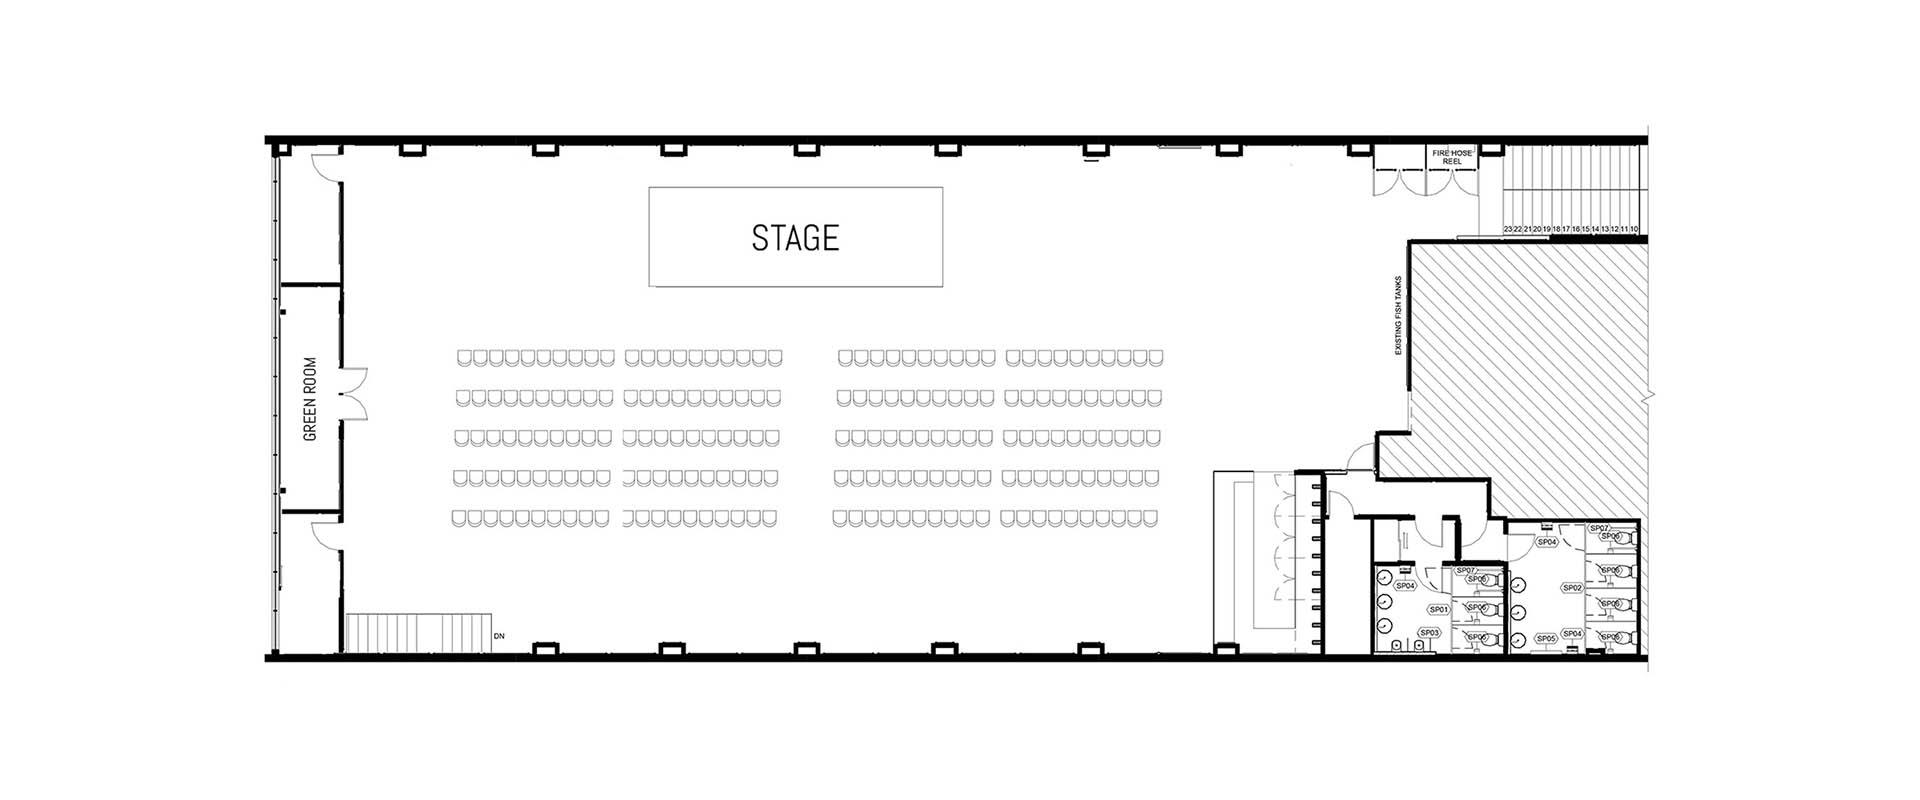 corporate-function-floor-plan.jpg